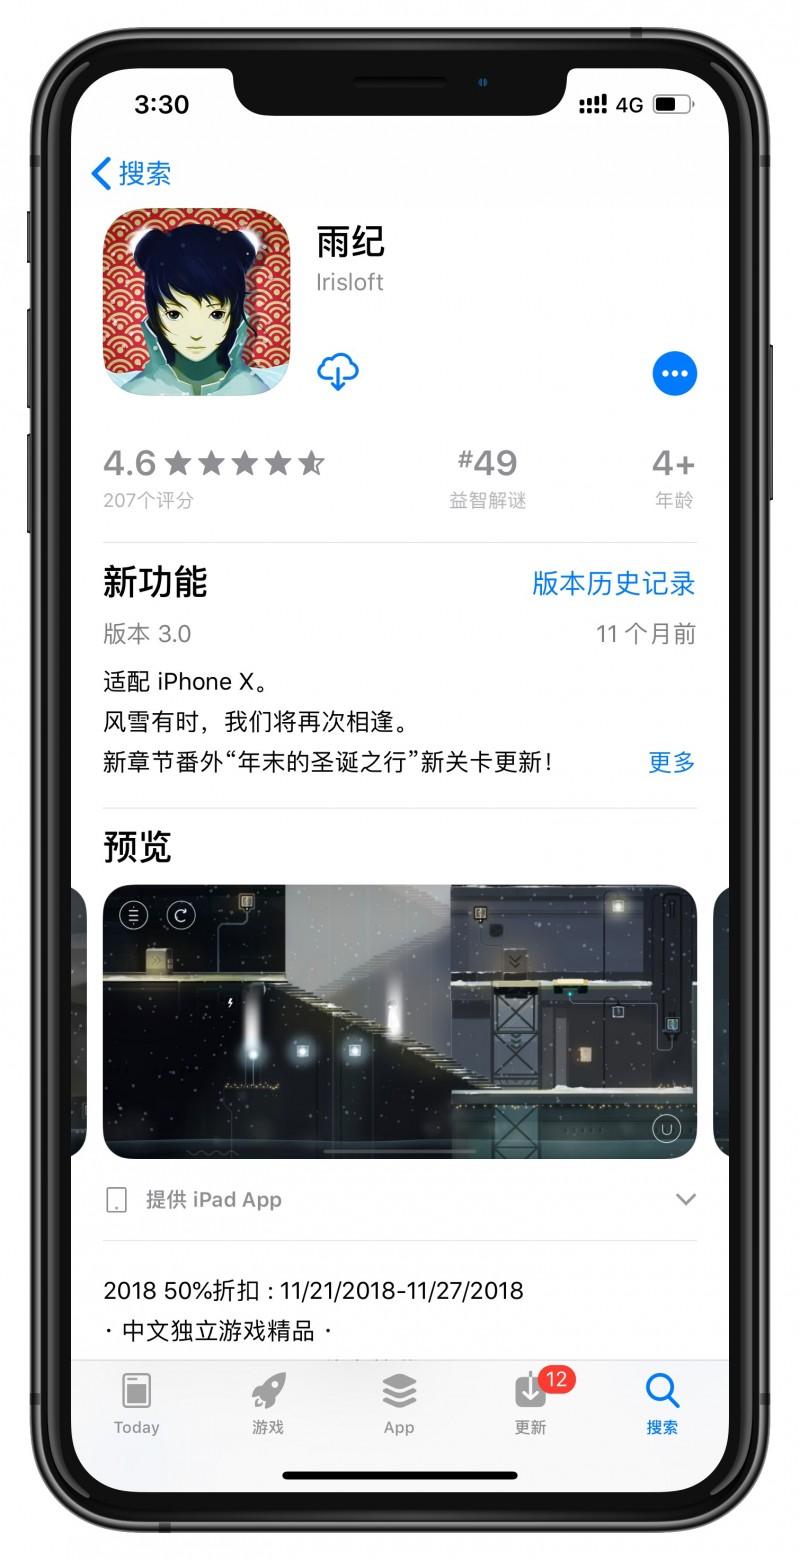 [已购]雨纪-草蜢资源